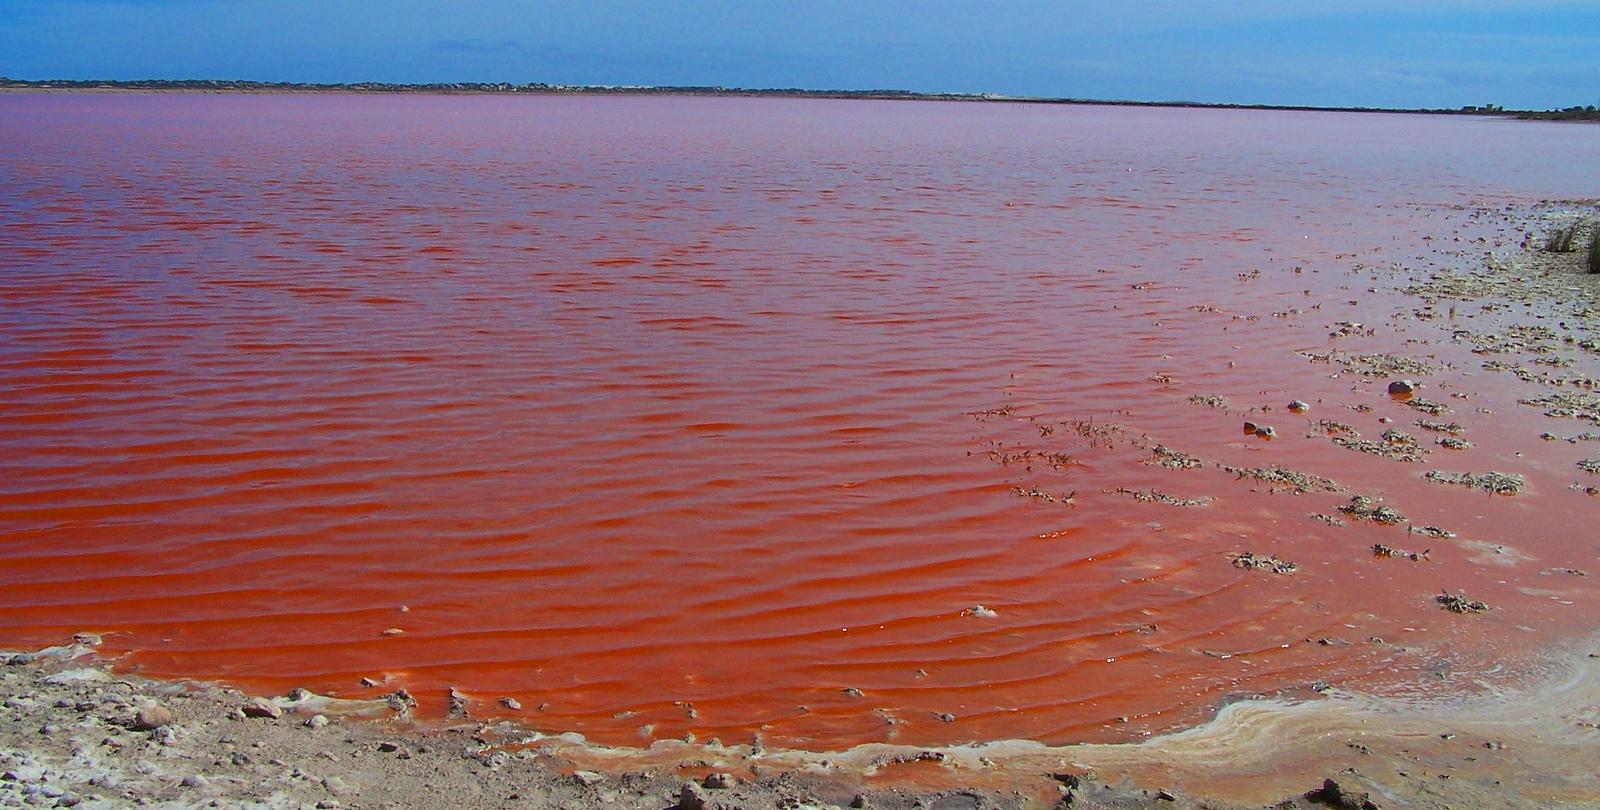 Чем притягивает туристов «Красное море» у побережья Австралии?